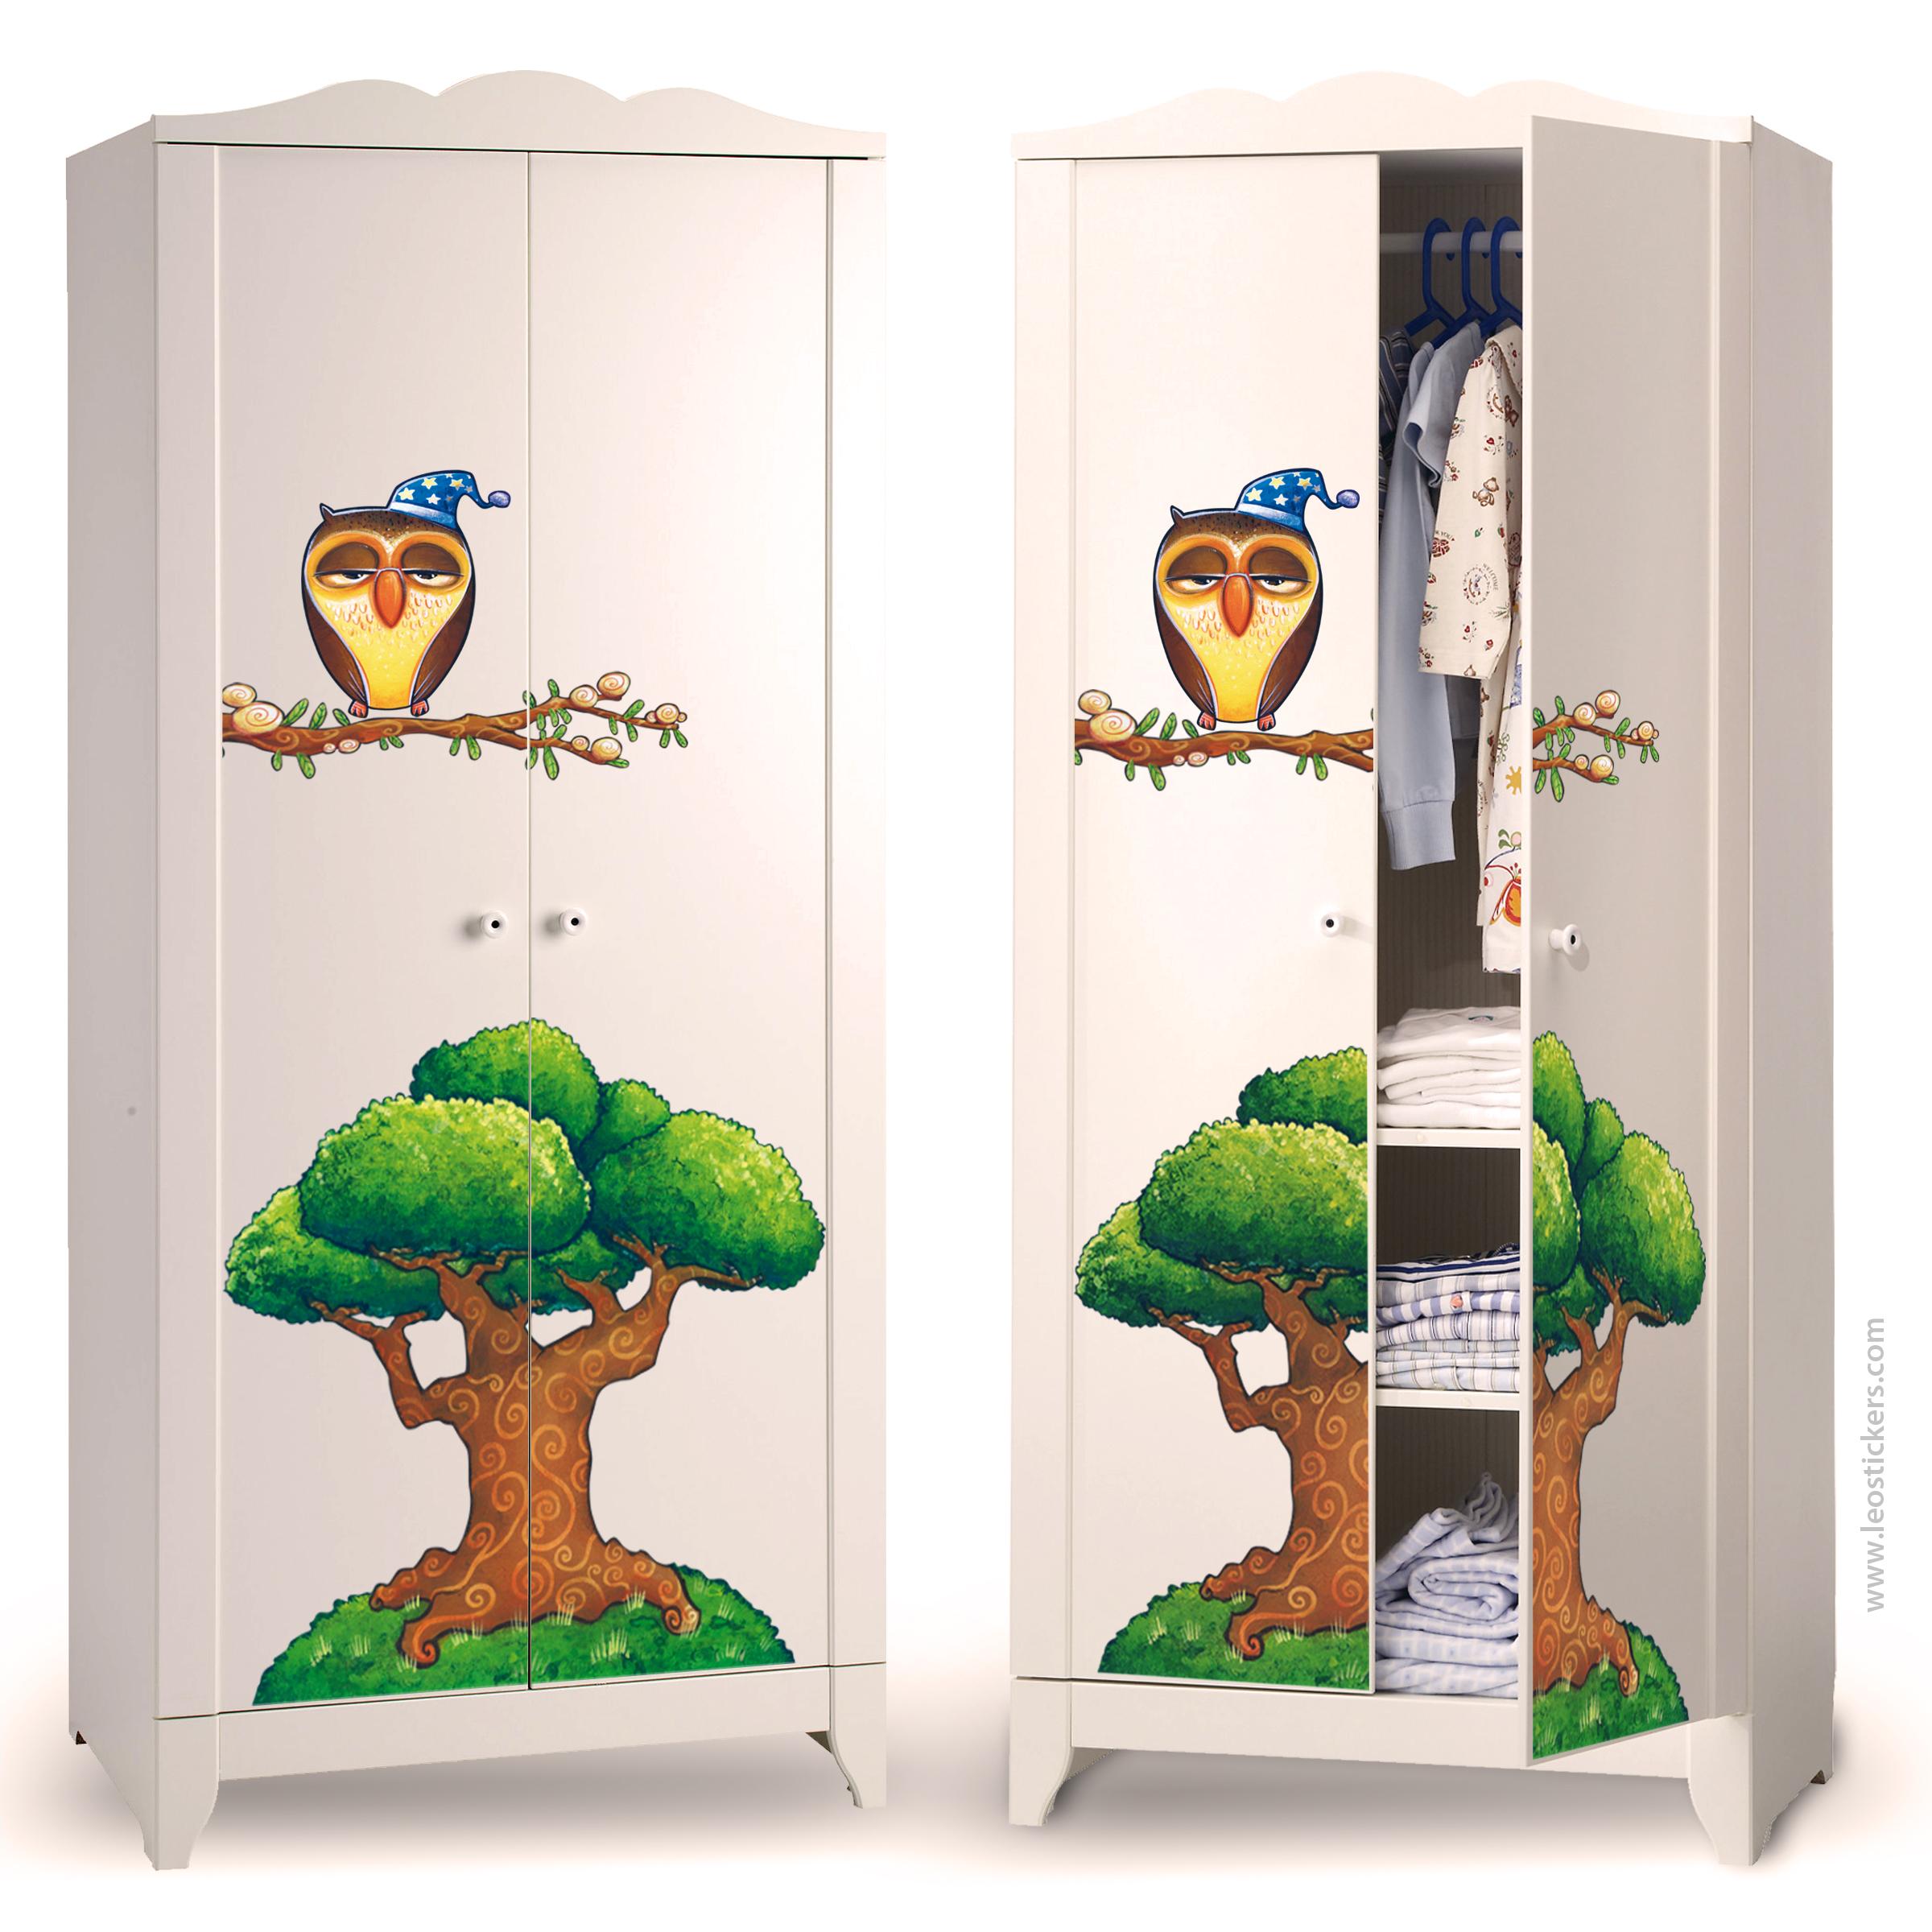 Adesivi per decorare i mobili dei bambini leostickers for Decorazioni camerette bambini